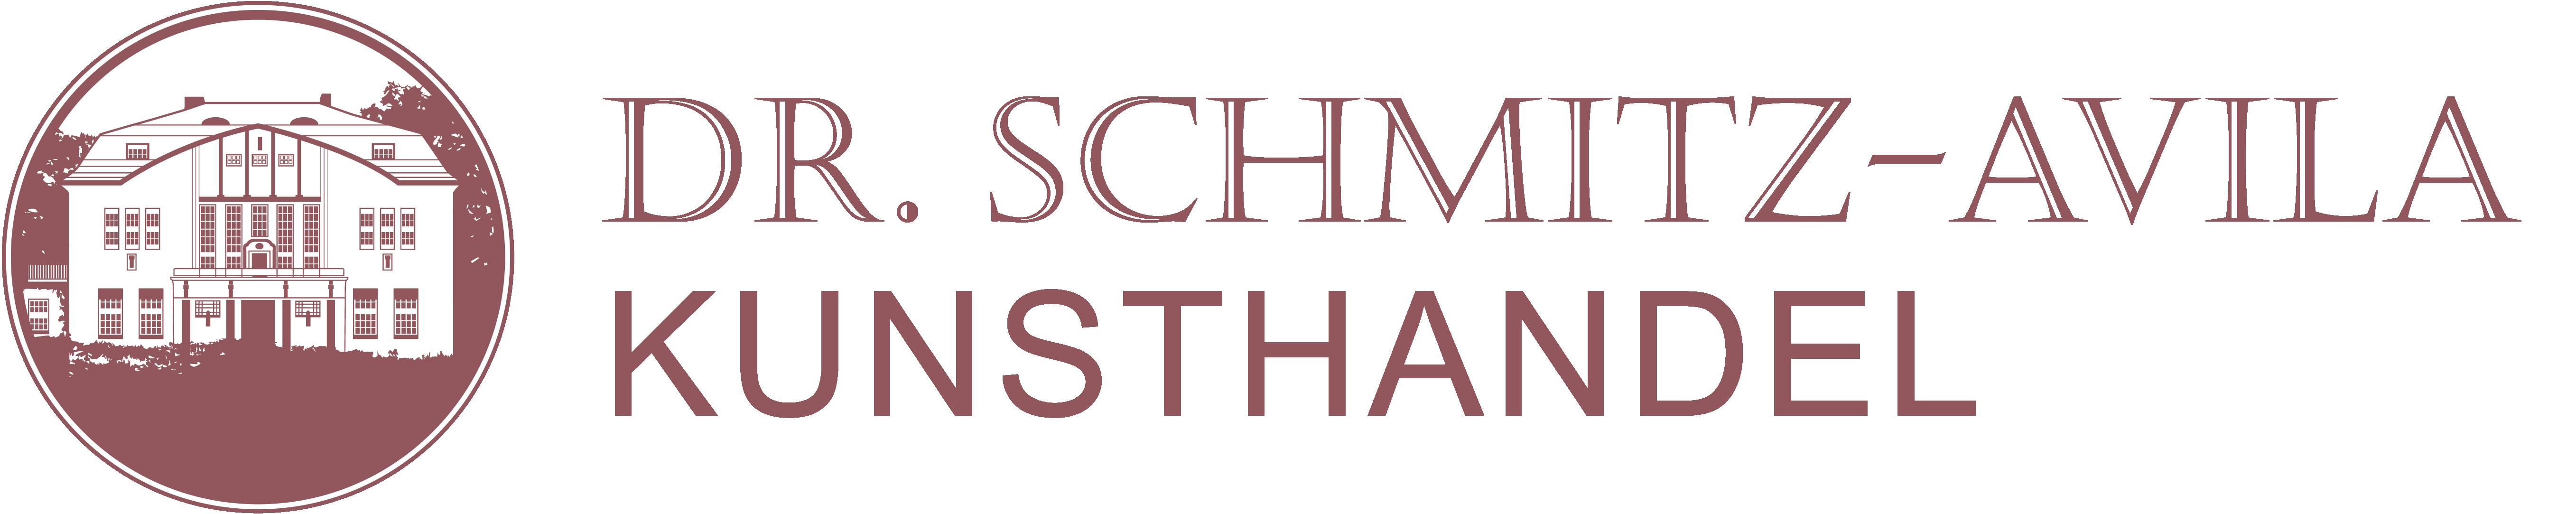 Dr. Thomas Schmitz Avila